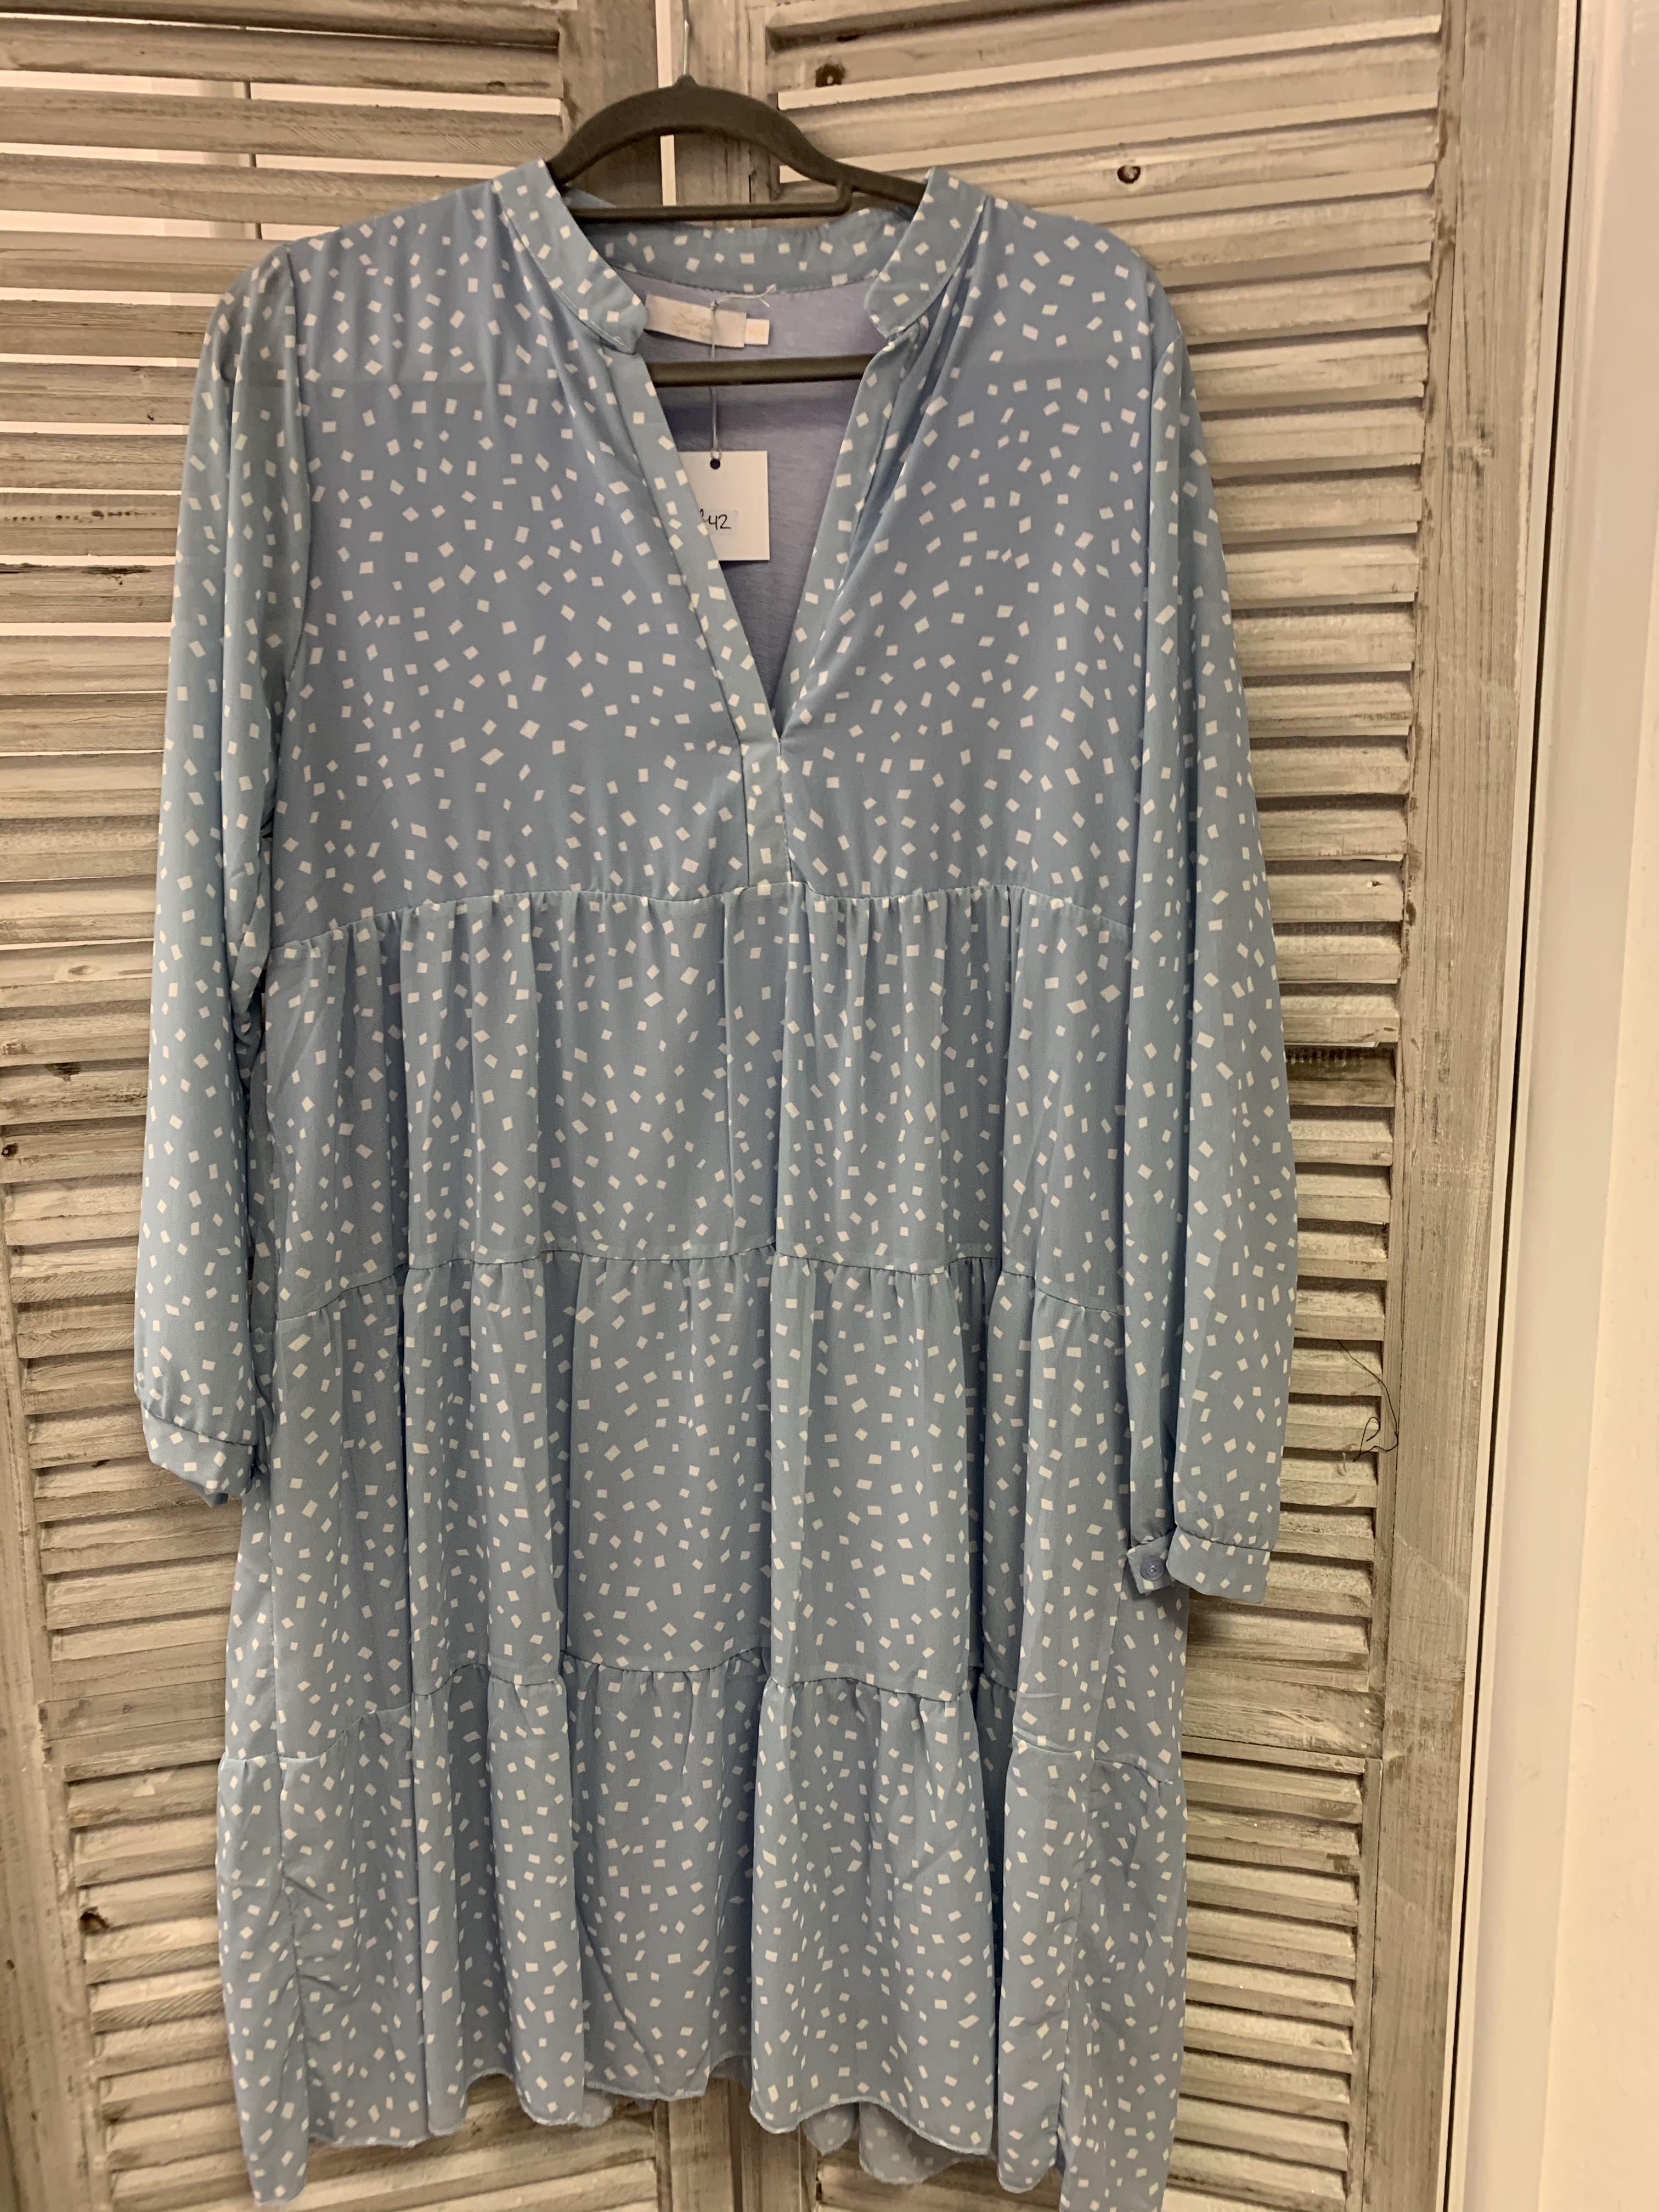 Geometric Print Tiered Dress - Light Blue